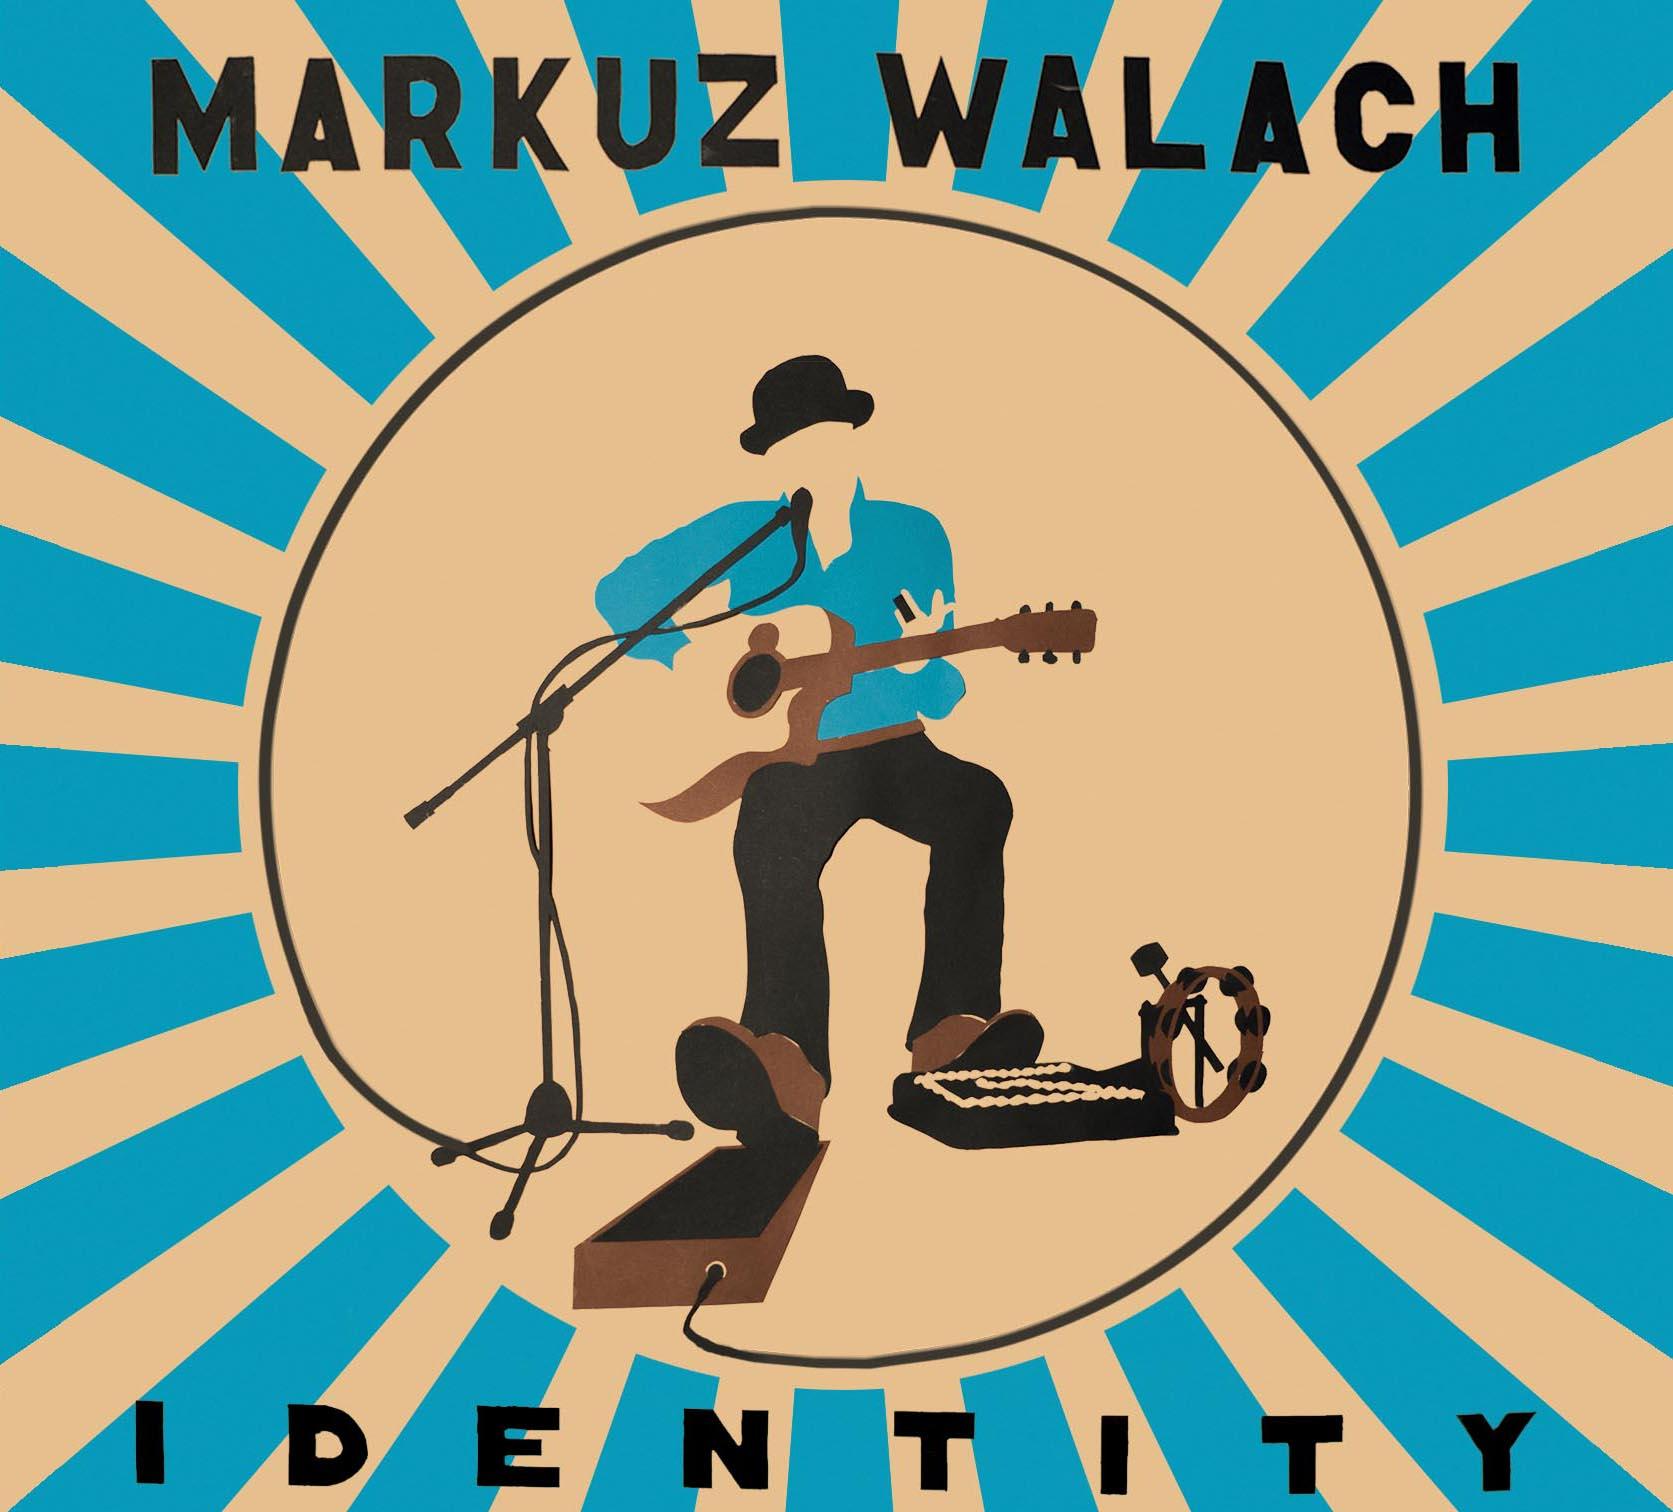 Markuz Walach identity